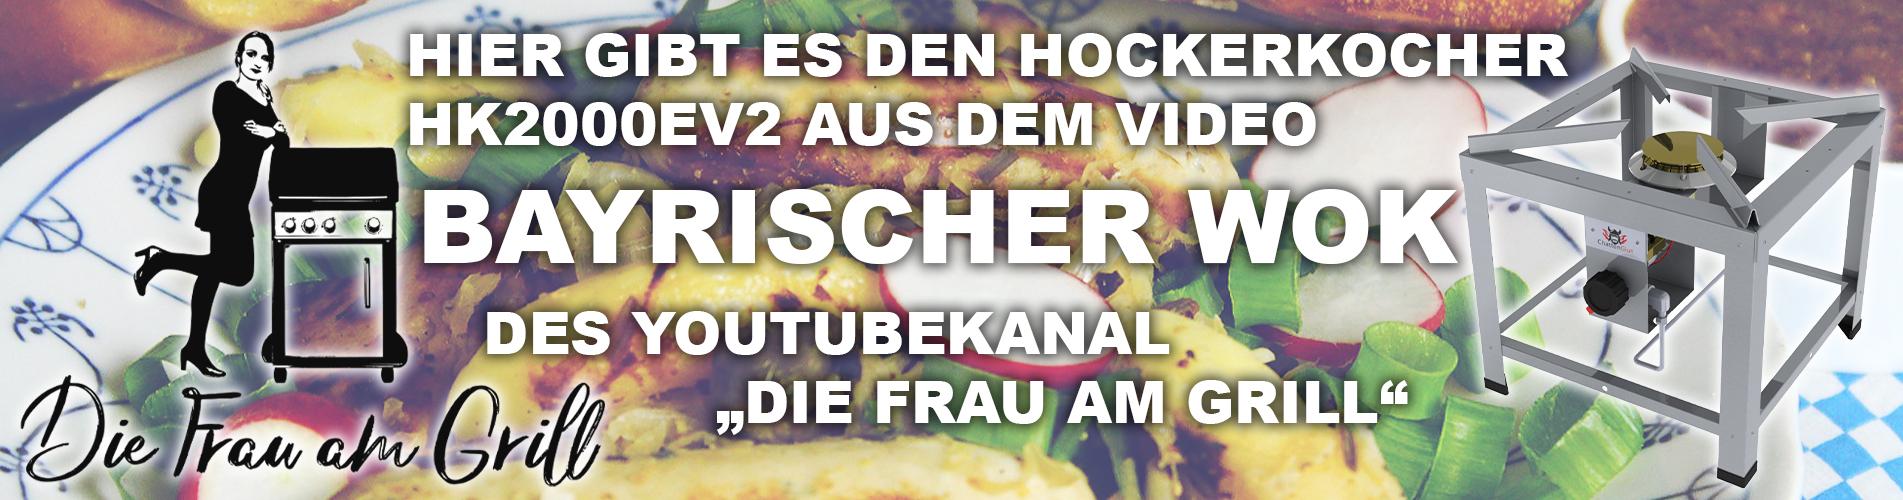 Bayrischer WOK: Der Hockerkocher HK2000EV2